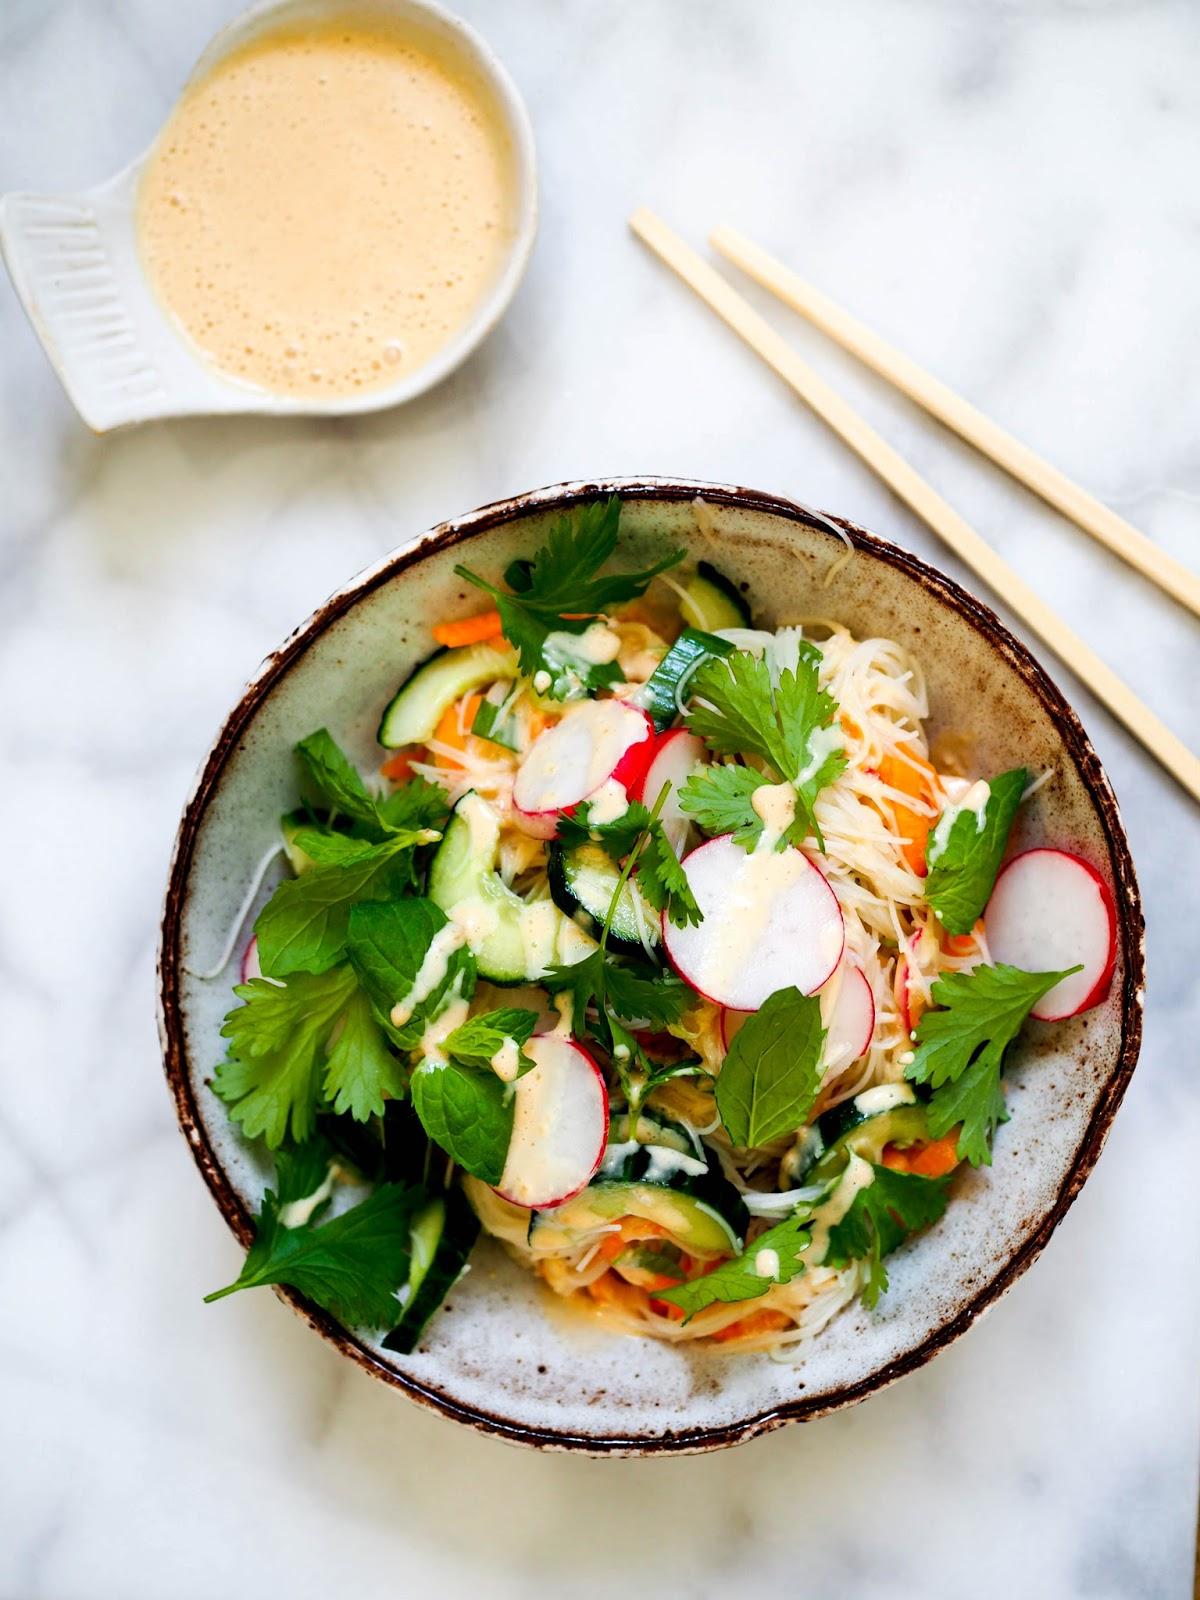 aasialainen nuudelisalaatti, aasialainen salaatti, thaimaalainen salaatti, maapähkinädippi, sataykastike